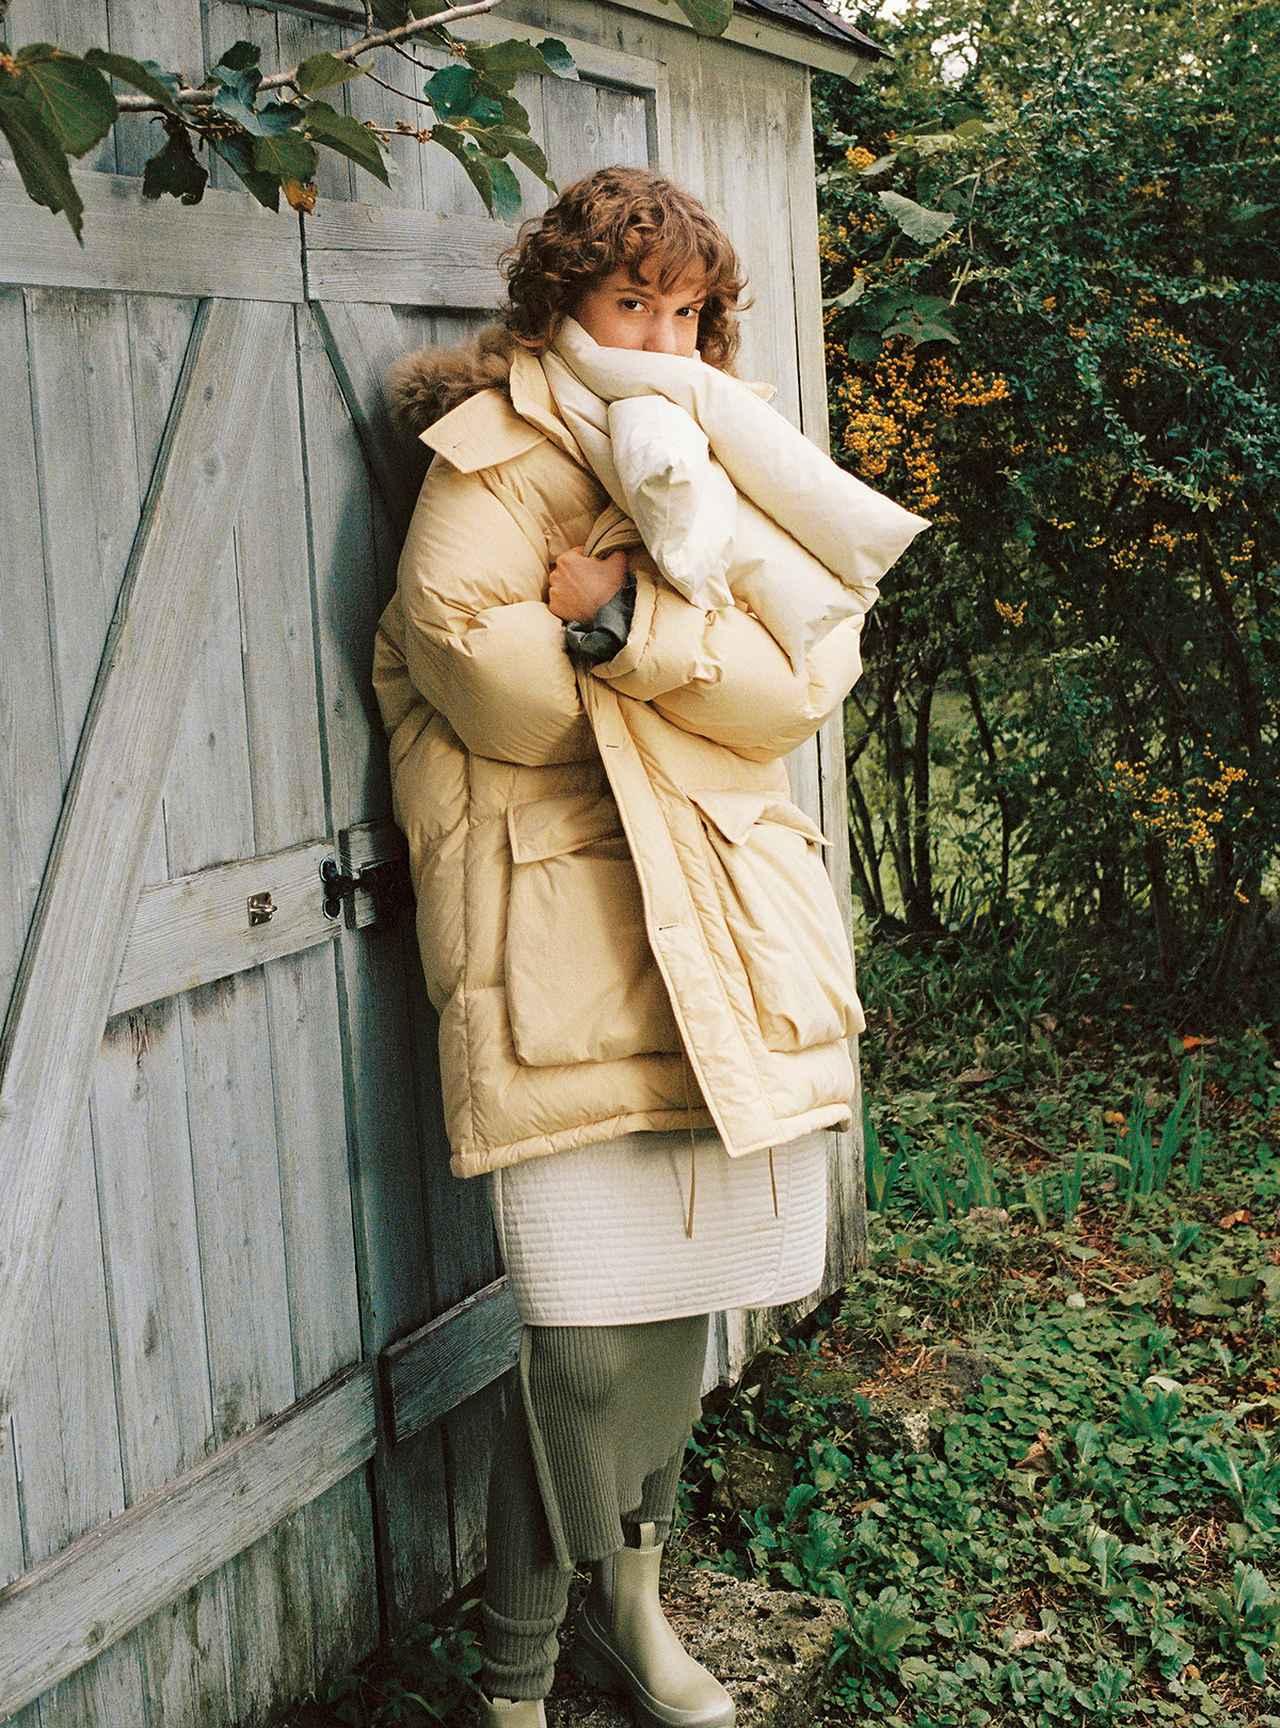 Images : 6番目の画像 - 「モコモコ、ふんわり。 包まれたいのは サスティナブルなぬくもり」のアルバム - T JAPAN:The New York Times Style Magazine 公式サイト